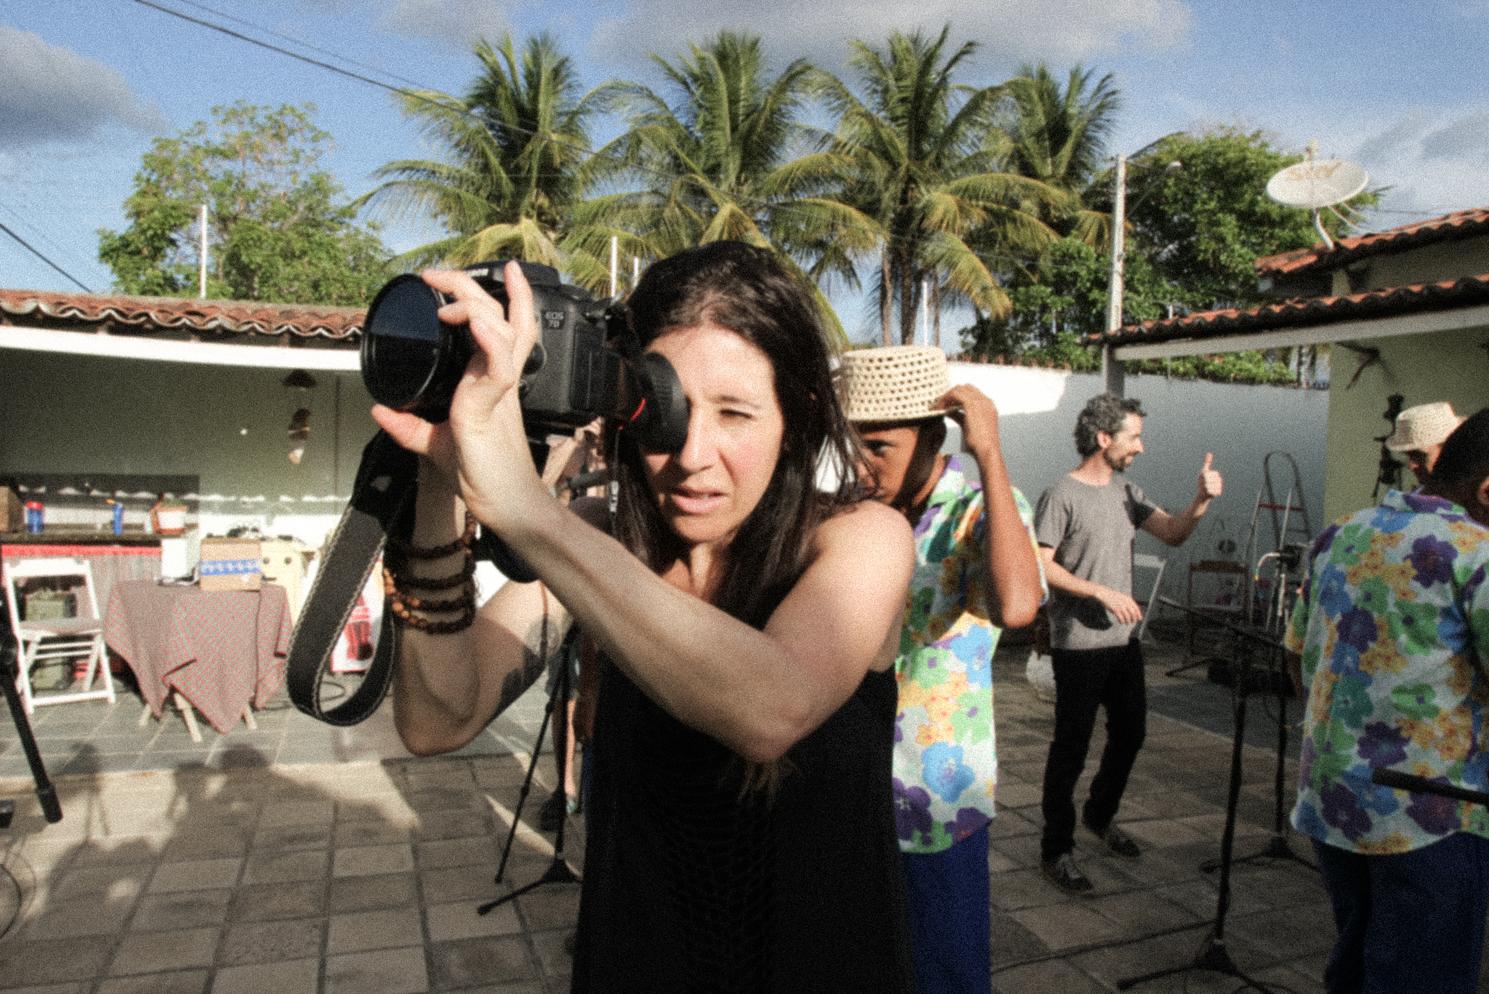 2016.02.21 - Arcoverde -Coco Trupé (Pedro 600D - 16-35mm)_08 - LR (JPG 1500px 72 DPI).jpg